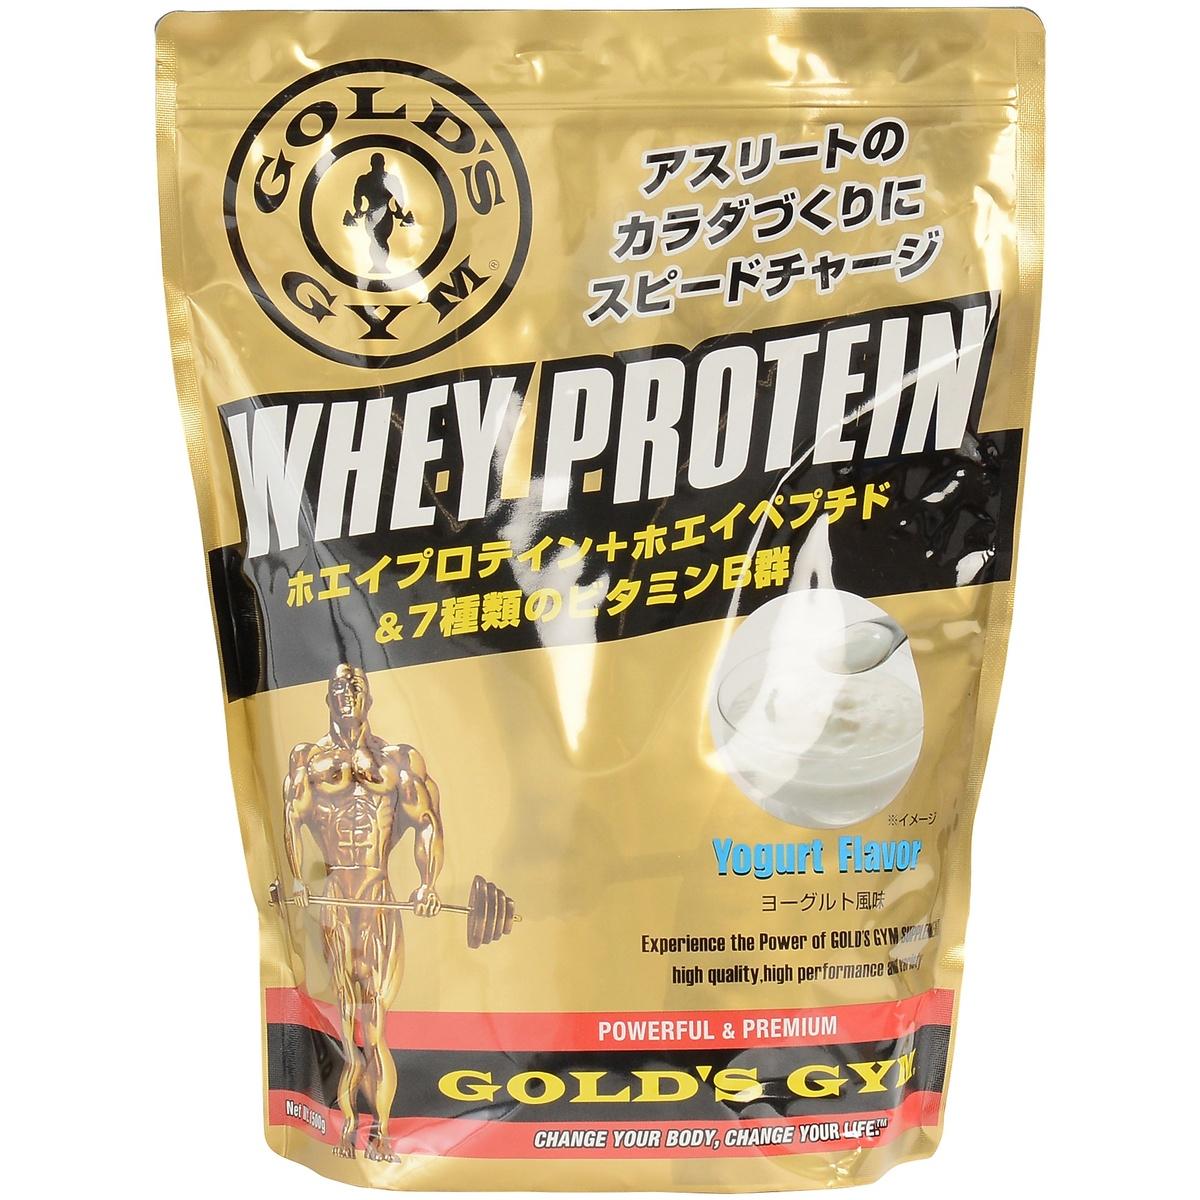 【送料無料】 GOLD'S GYM (ゴールドジム) サプリメント ホエイプロテイン ホエイプロテイン+ホエイペプチド&ビタミン ヨーグルト風味 1500g F5315